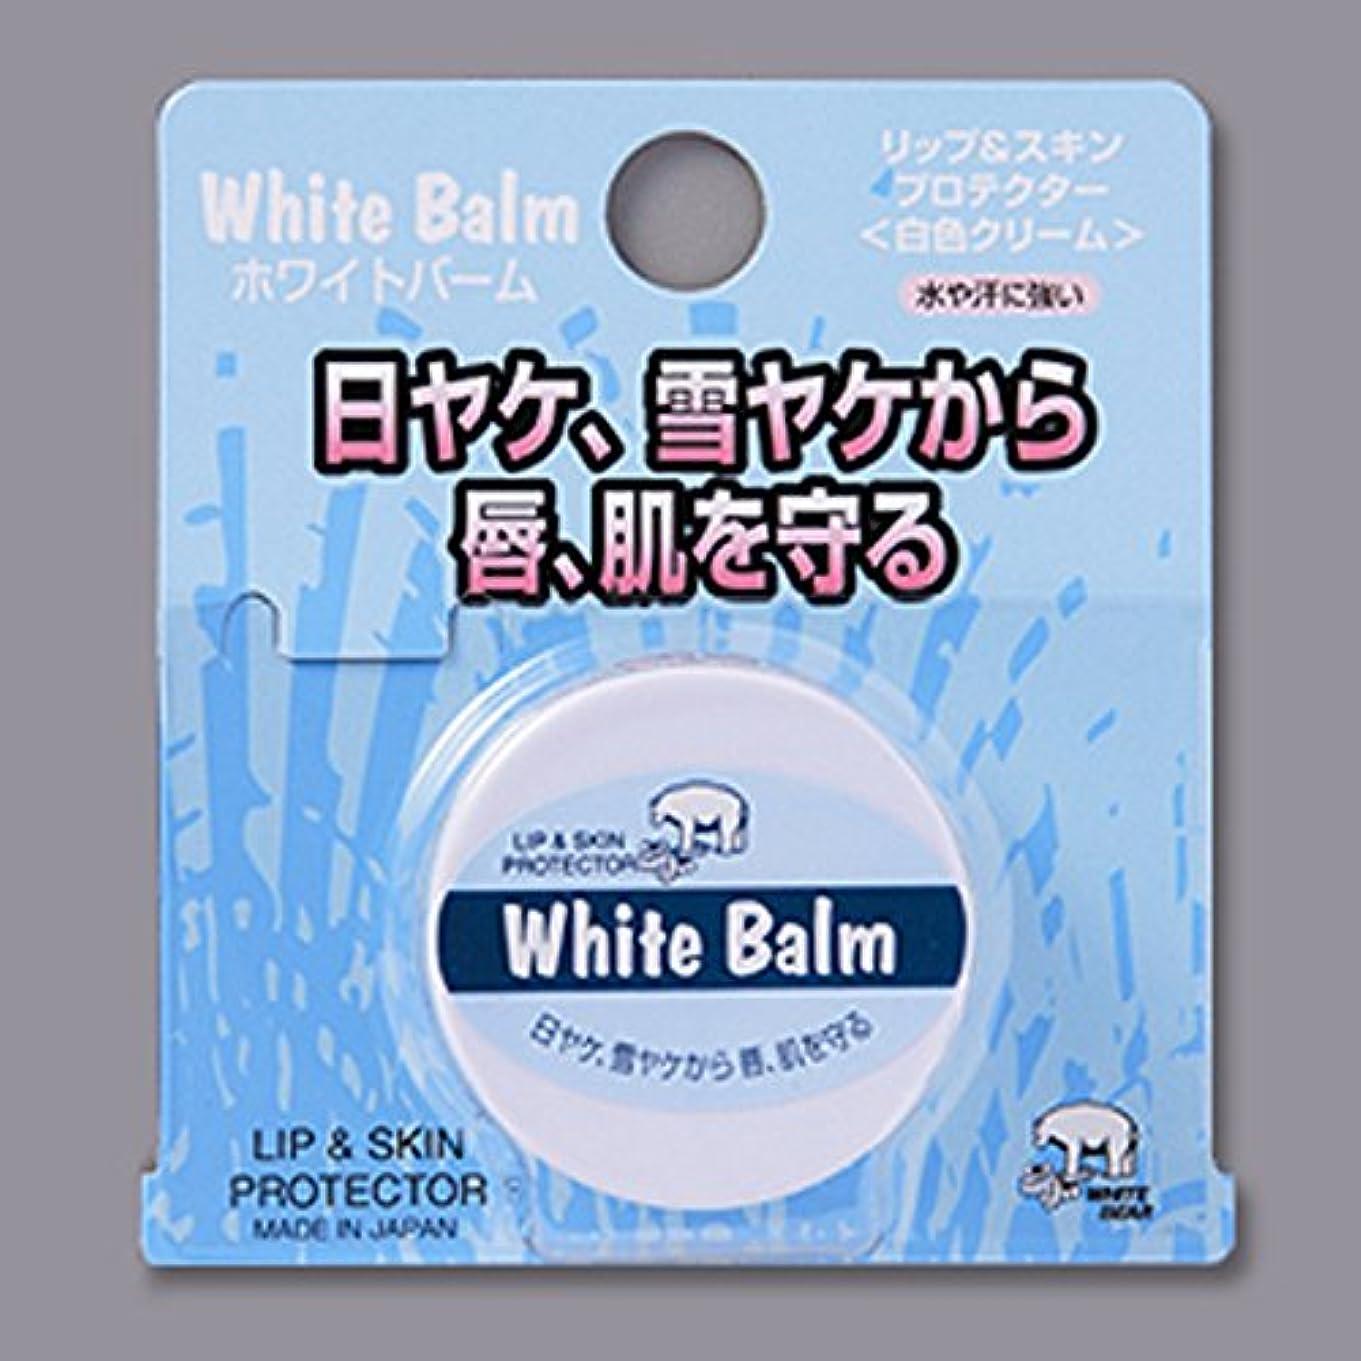 アンペアめんどり請うホワイトバーム リップ&スキンプロテクター 白色クリーム 強力日焼け止め No.555